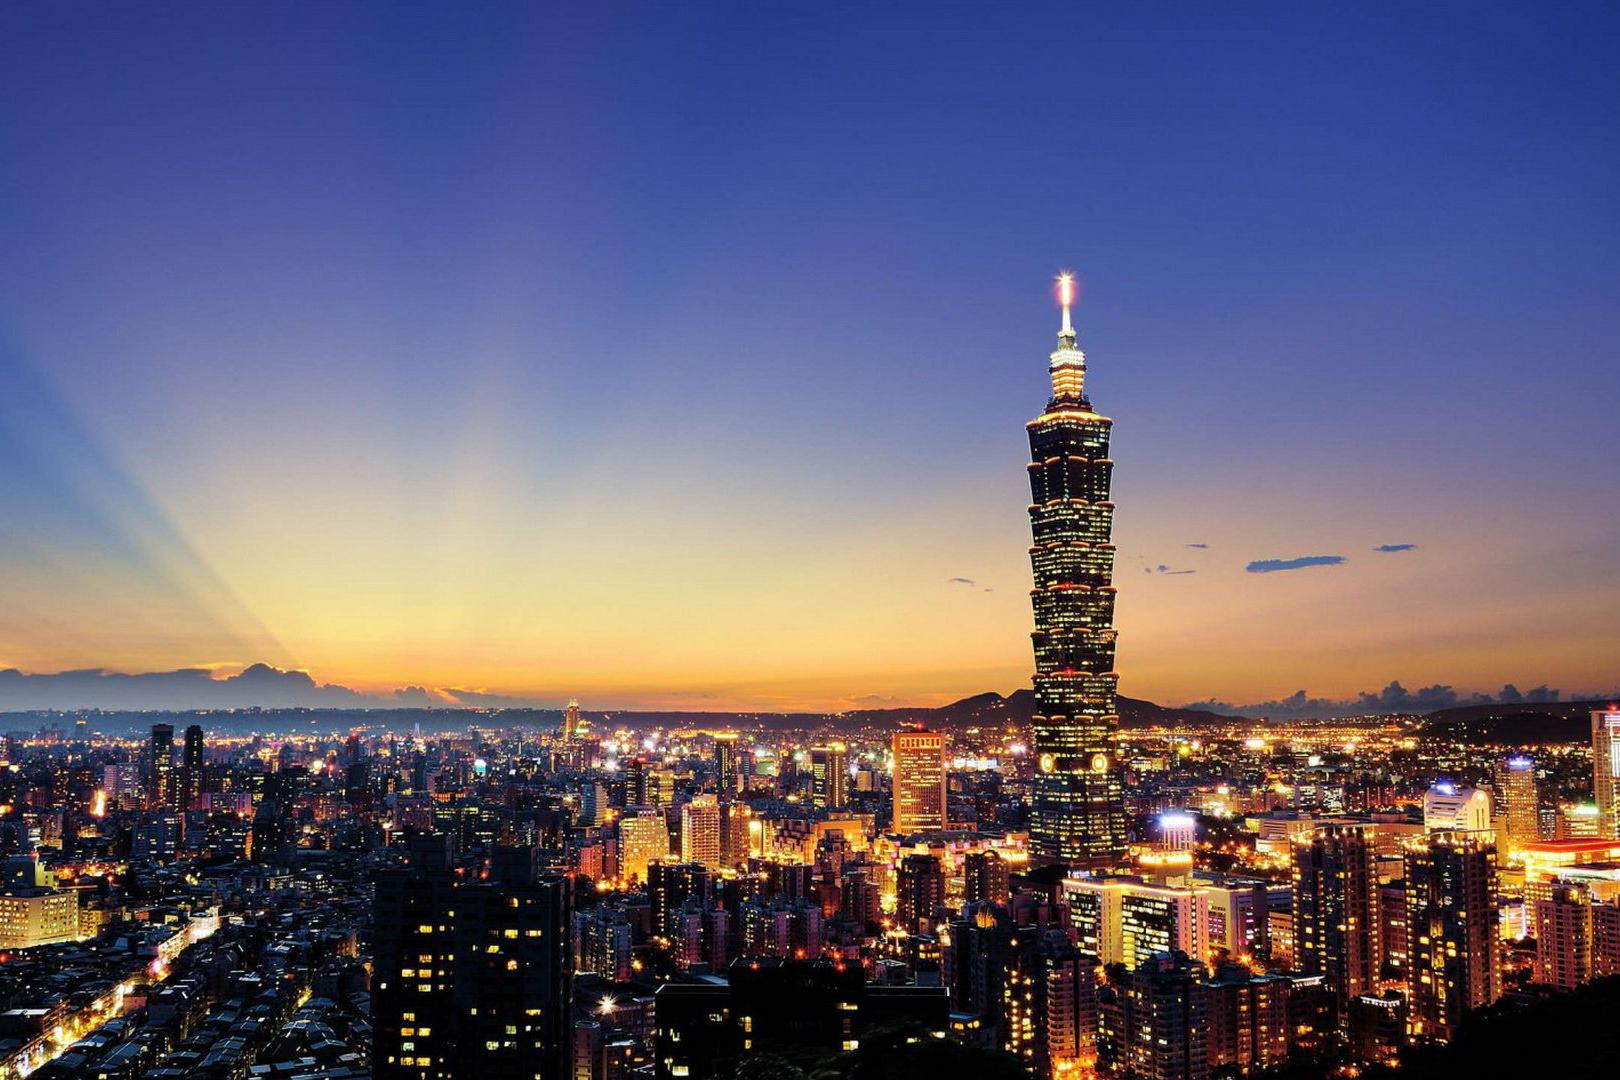 2019年台湾经济增长2.73%,GDP超4万亿元,那在全国排第几名呢?